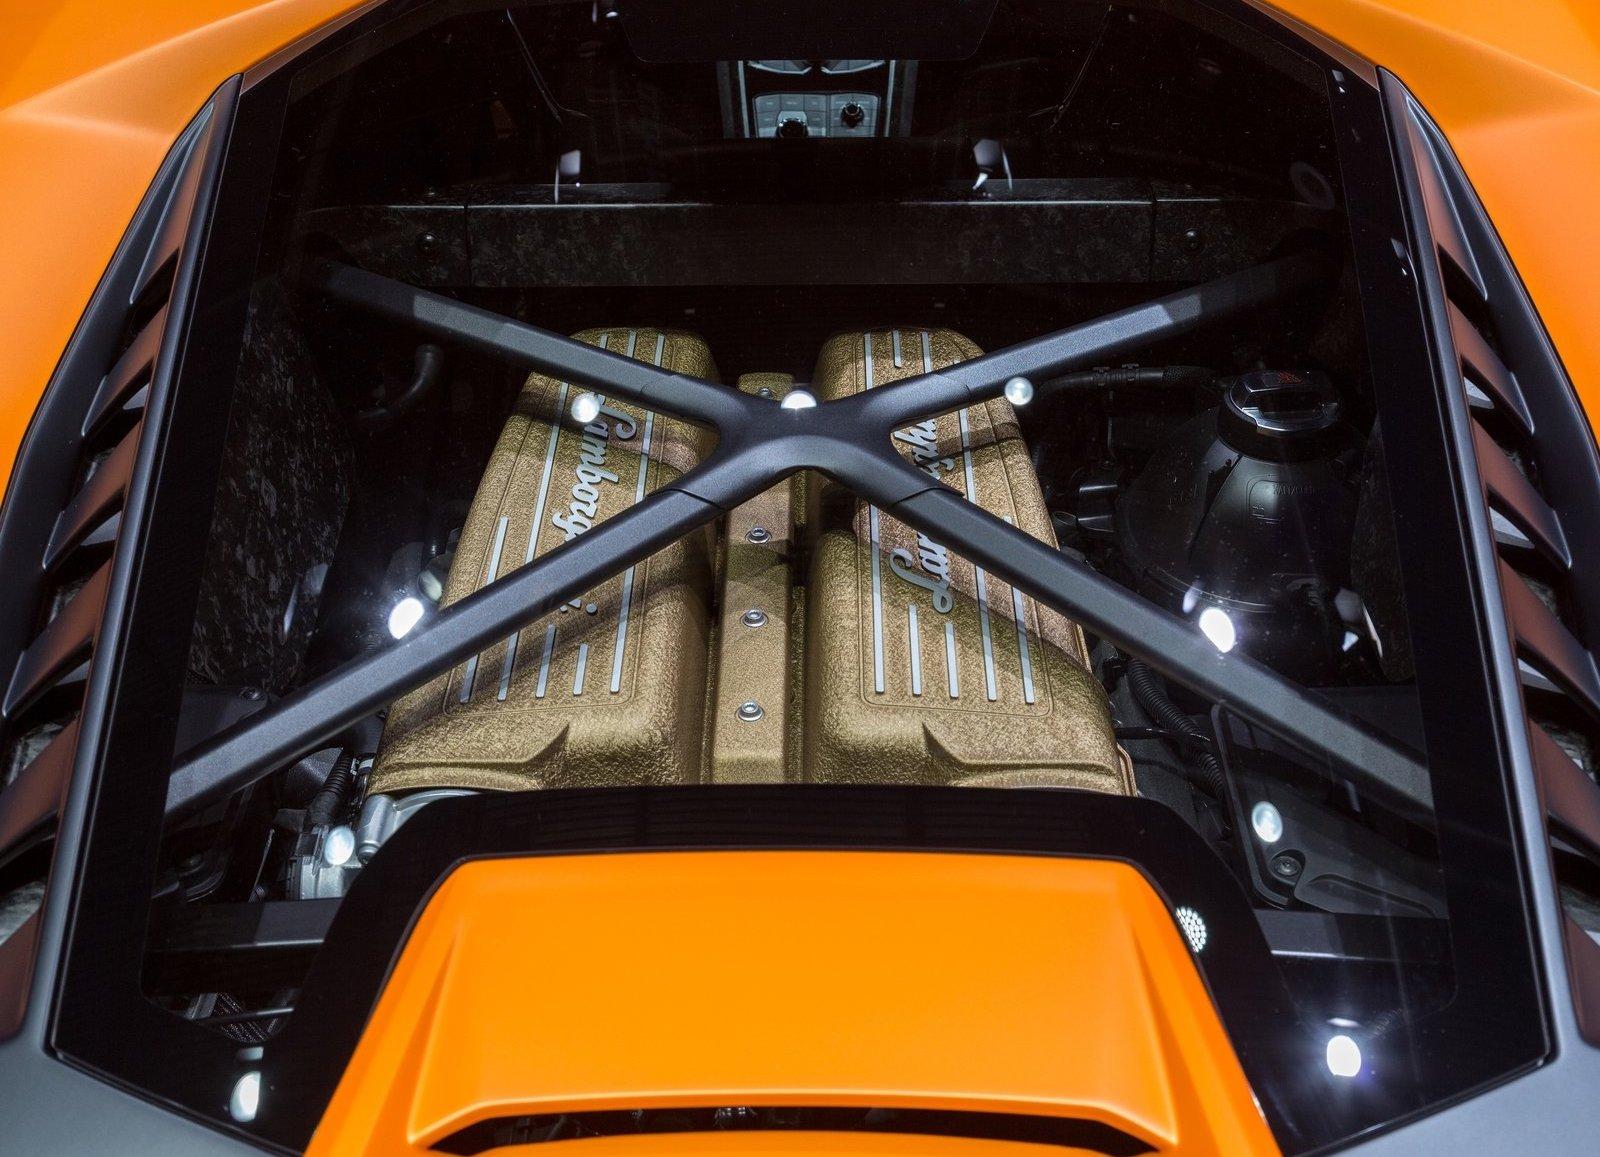 2018 Lamborghini Huracán Performante V-10 engine